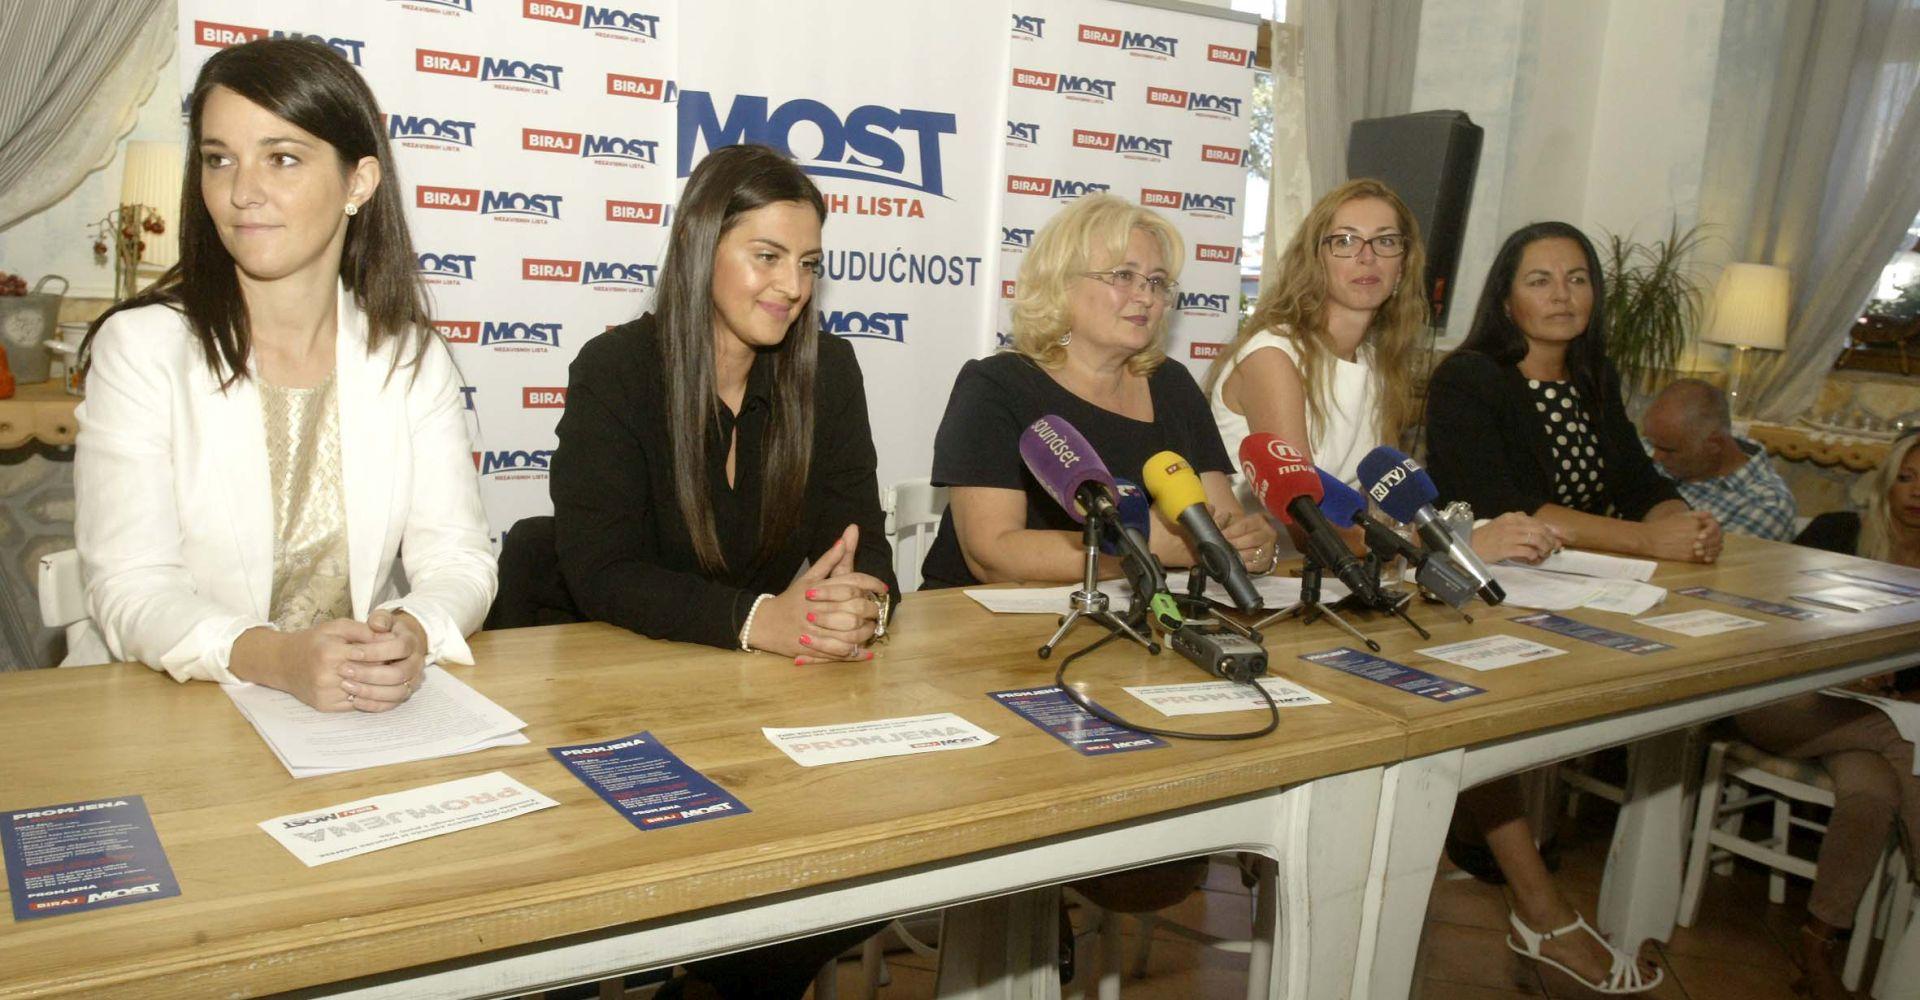 Rijeka: 'Mostovke' upozoravaju na podzastupljenost žena na listama